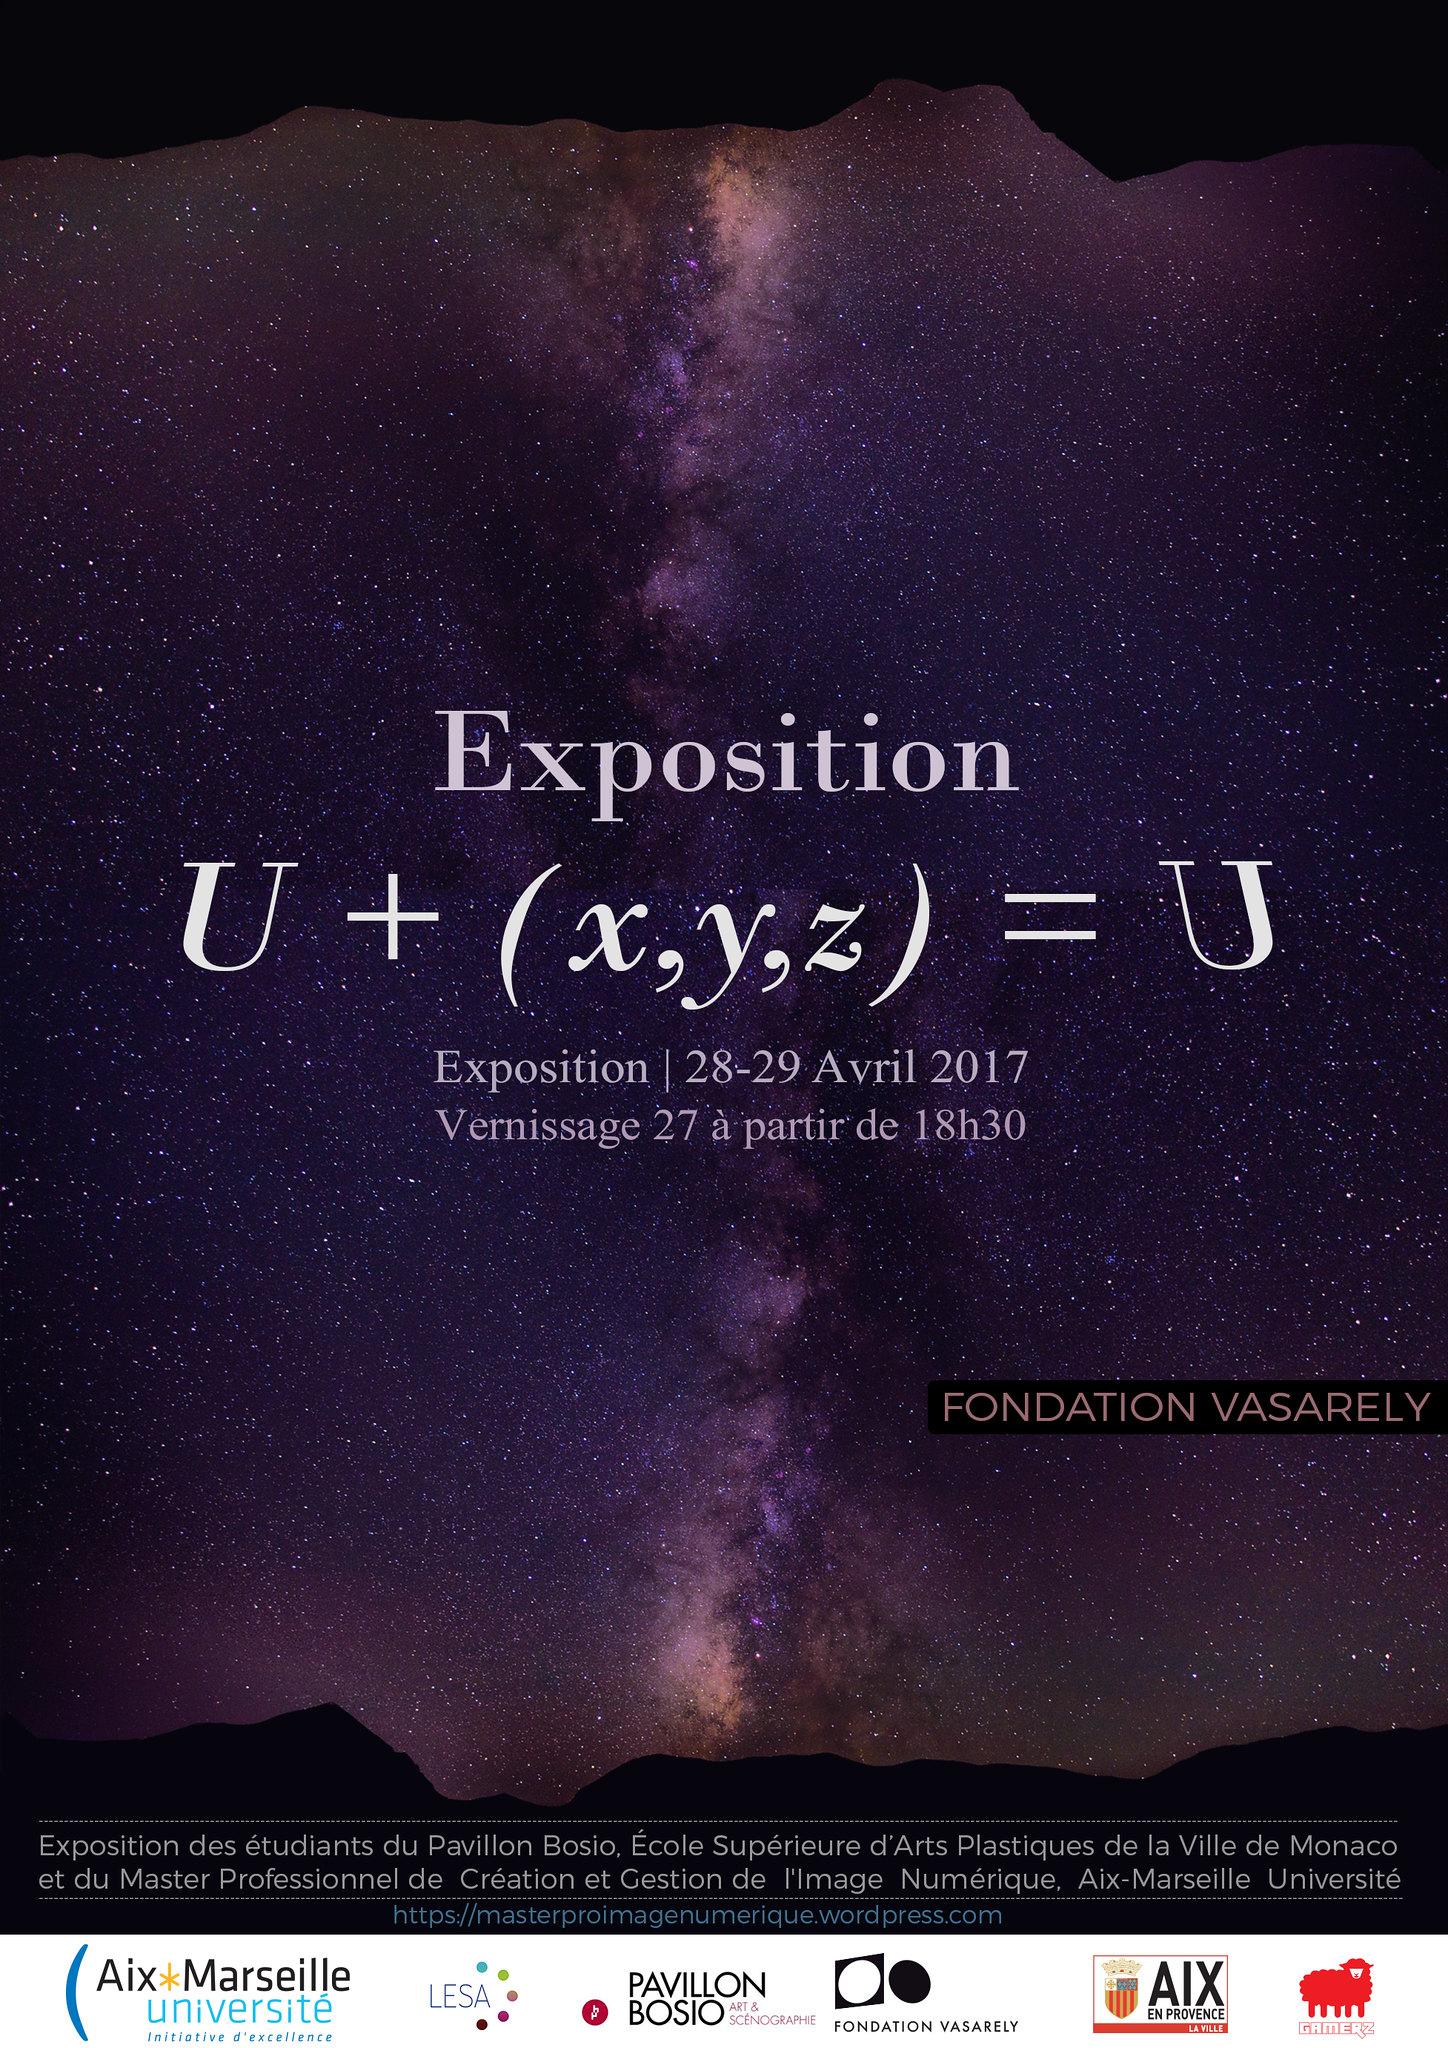 2017 - Exposition U+(x,y,z)=U